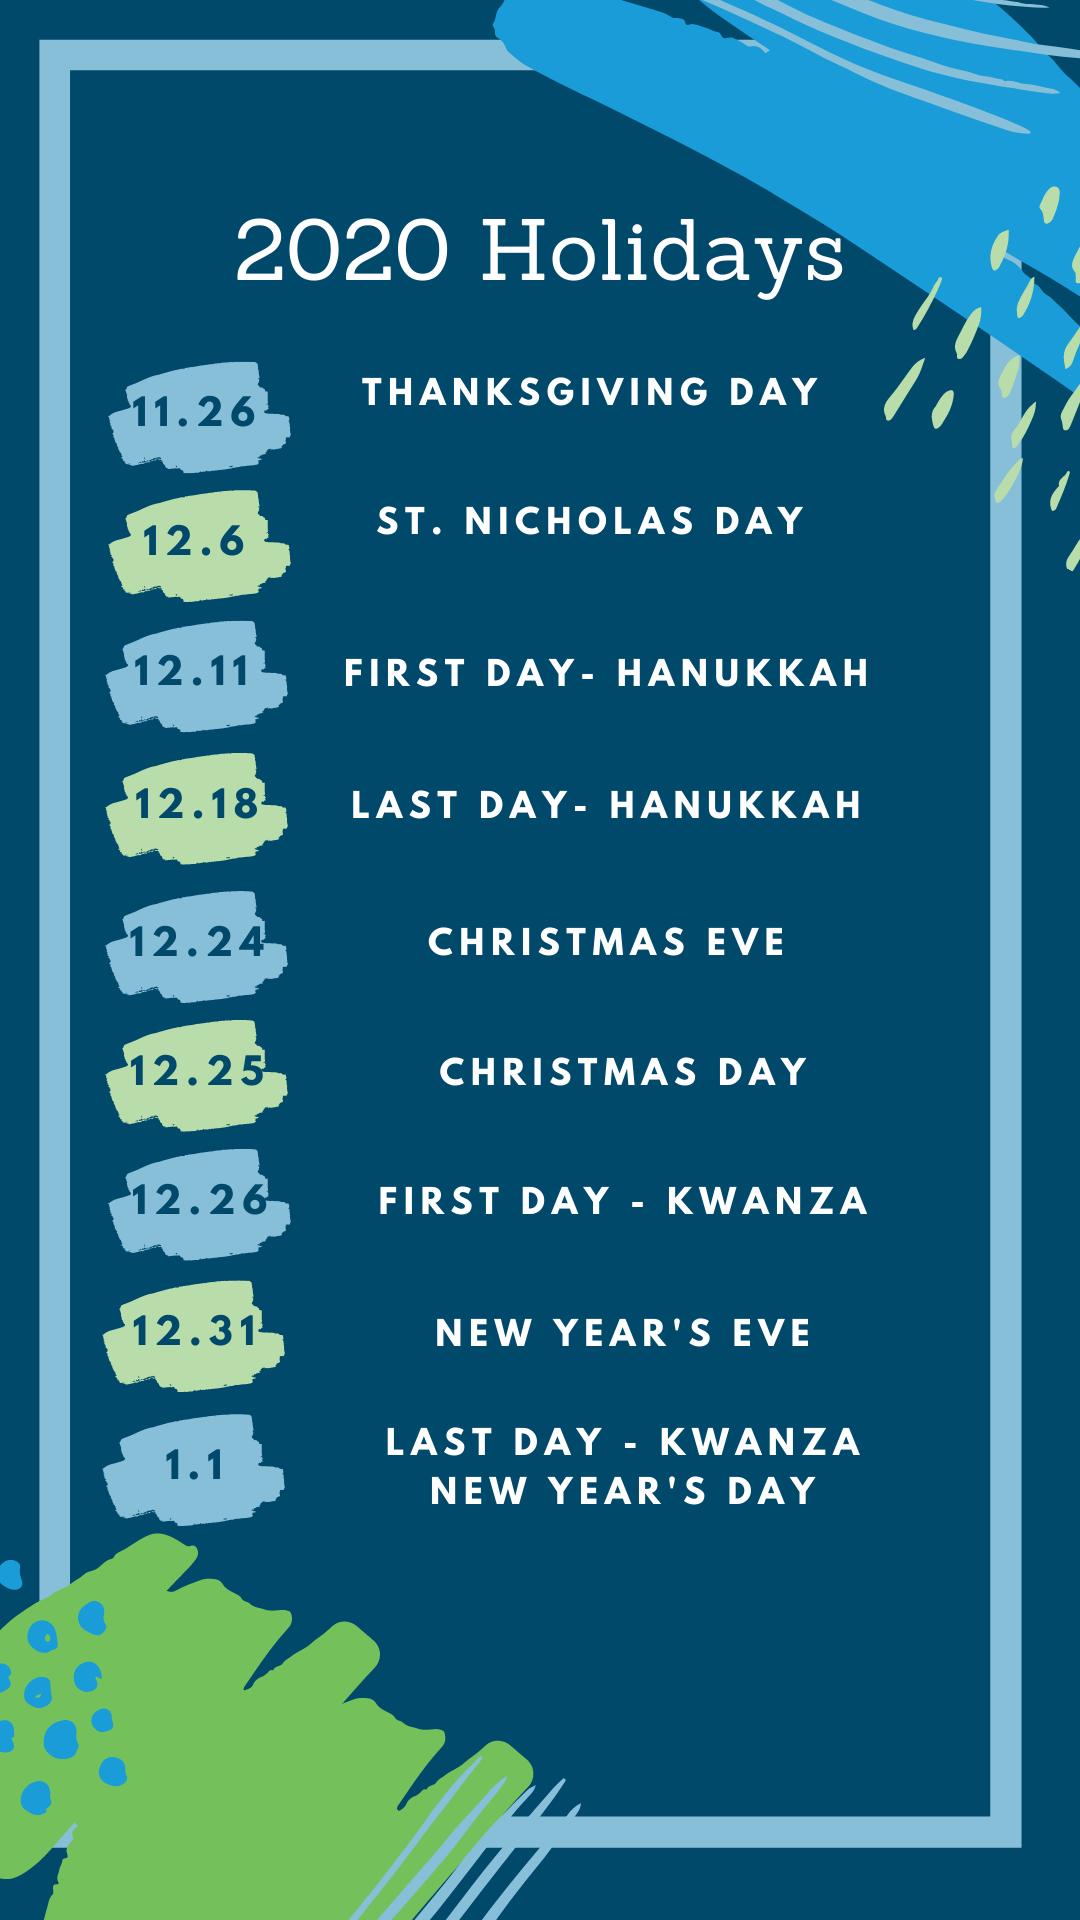 2020 holidays schedule